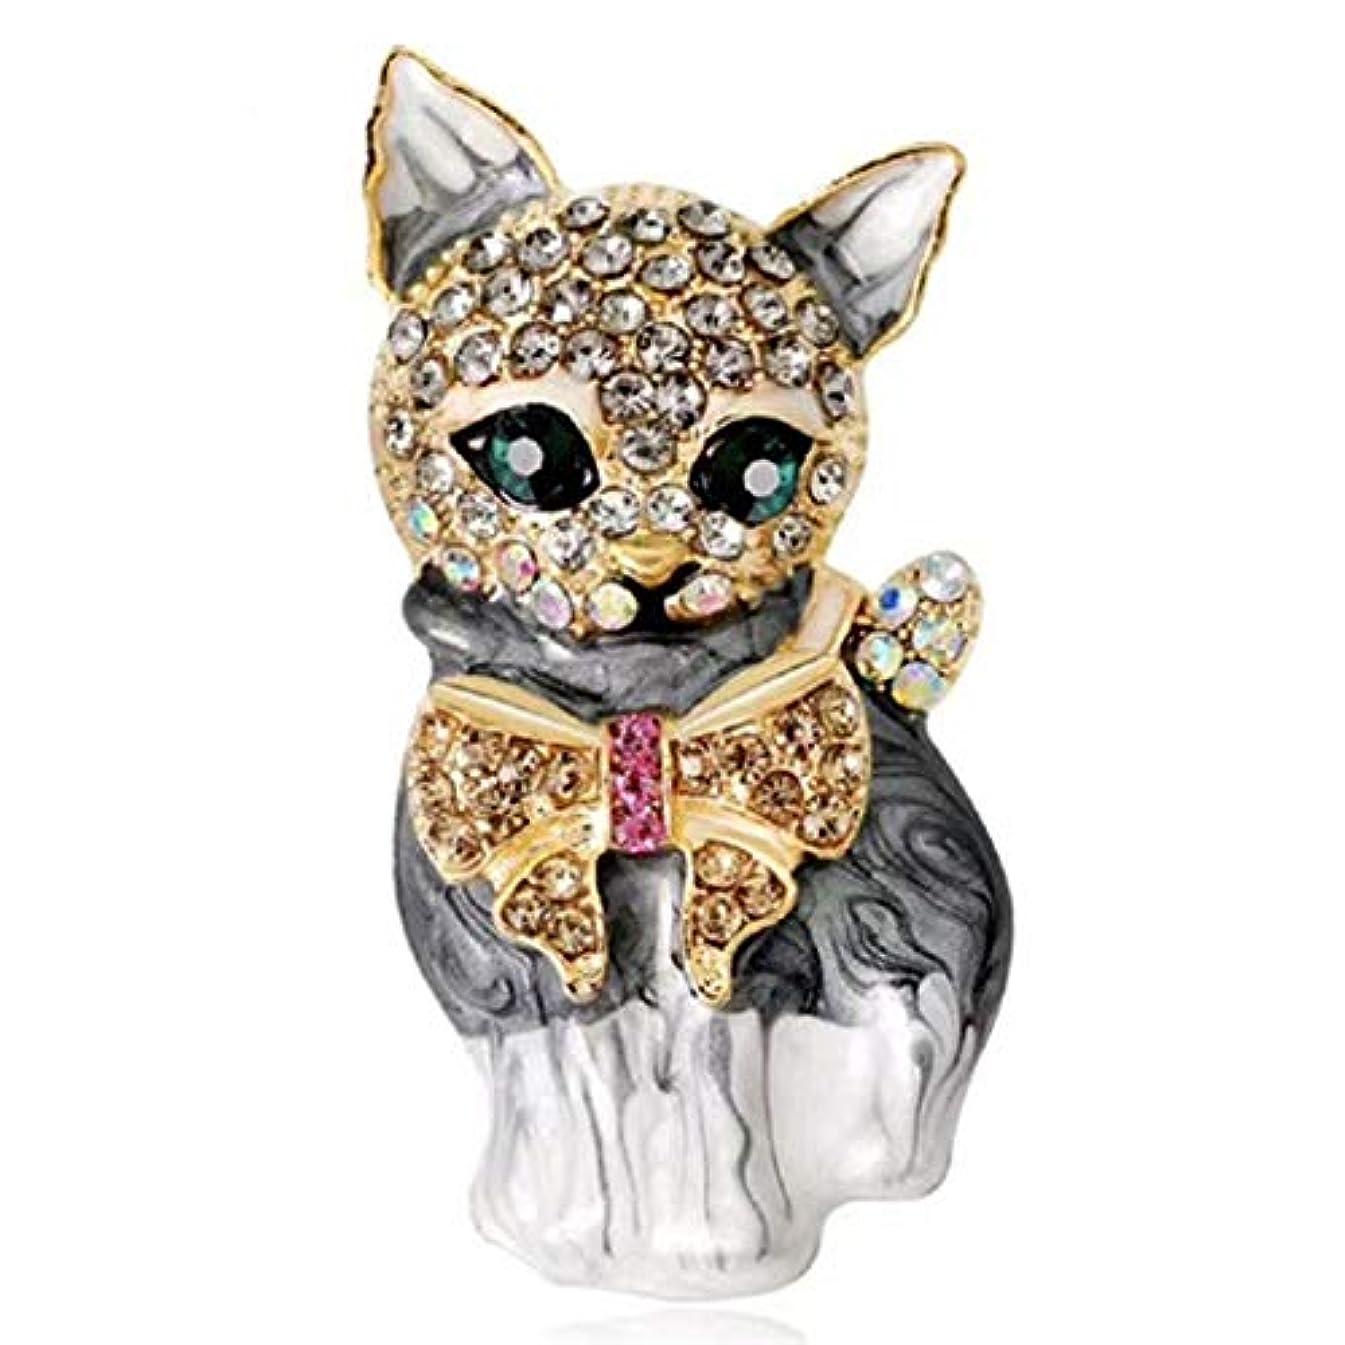 発疹充電シーフードUnderleaf 女性のための素敵な猫のブローチピンクリスタルエナメルピン動物ブローチジュエリーアクセサリー